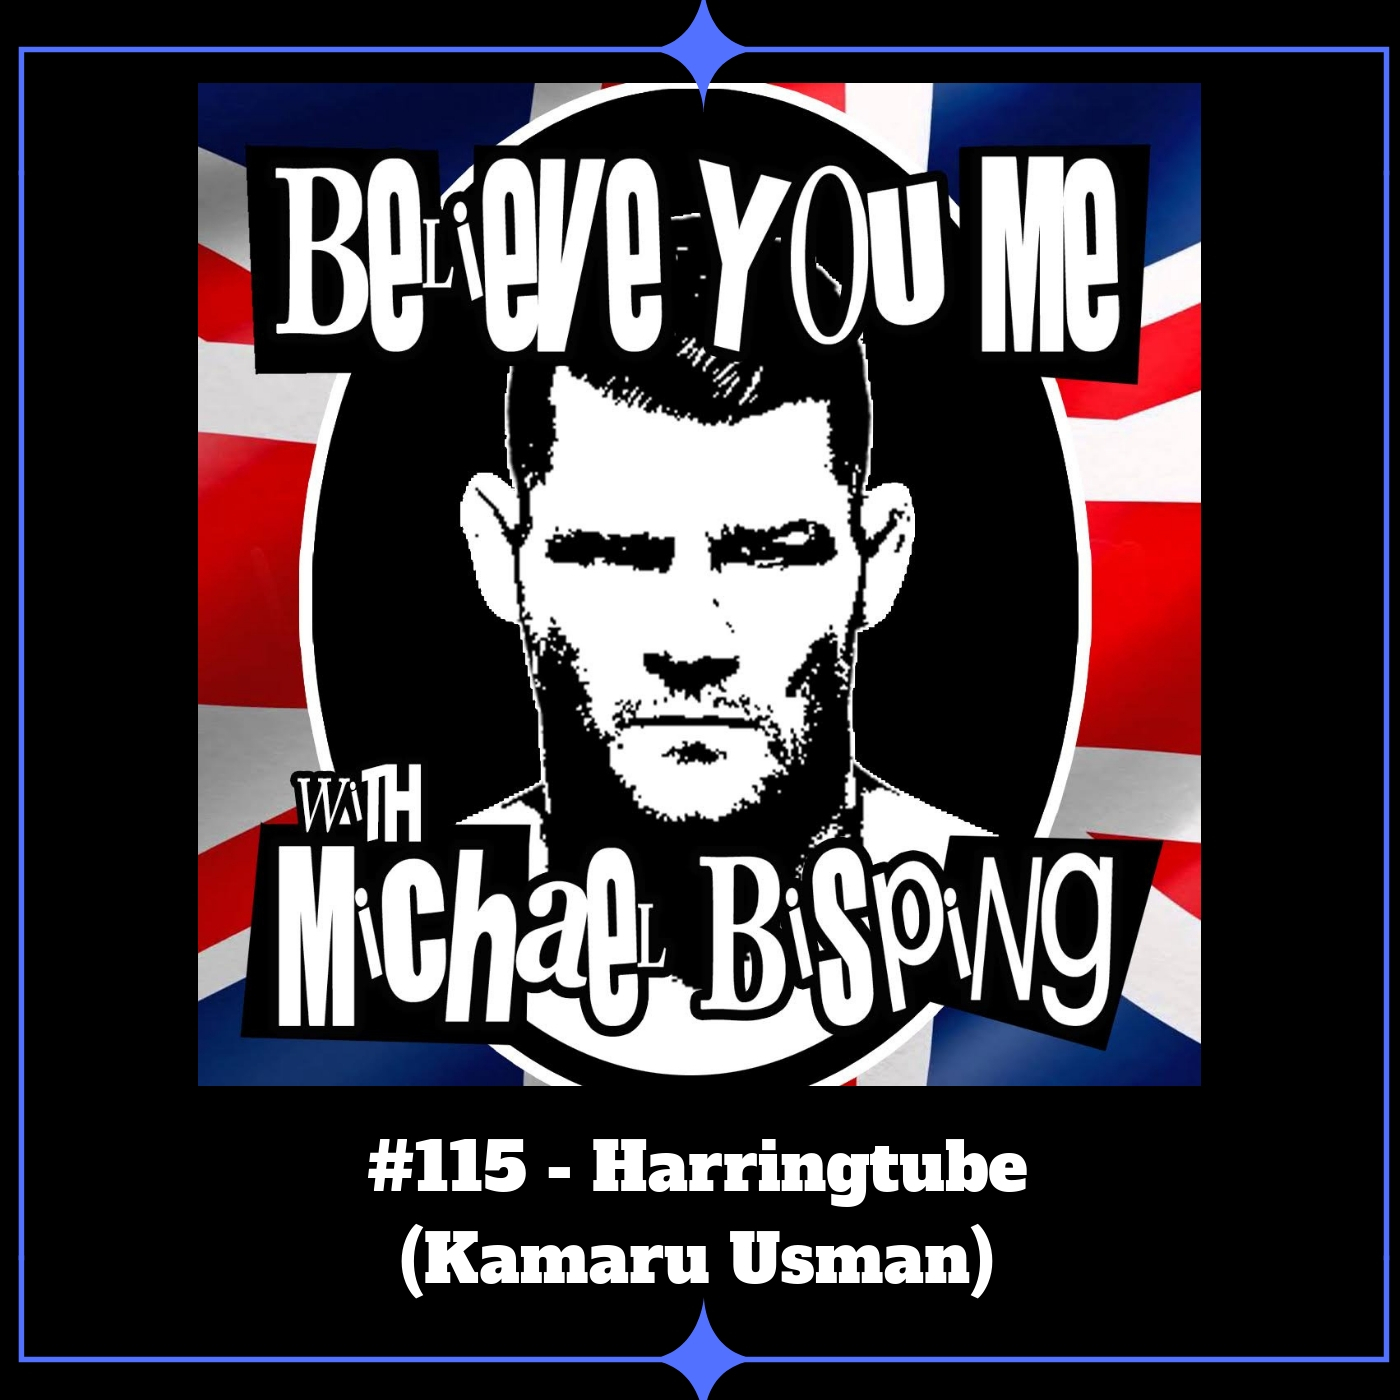 115 - Harringtube (Kamaru Usman)